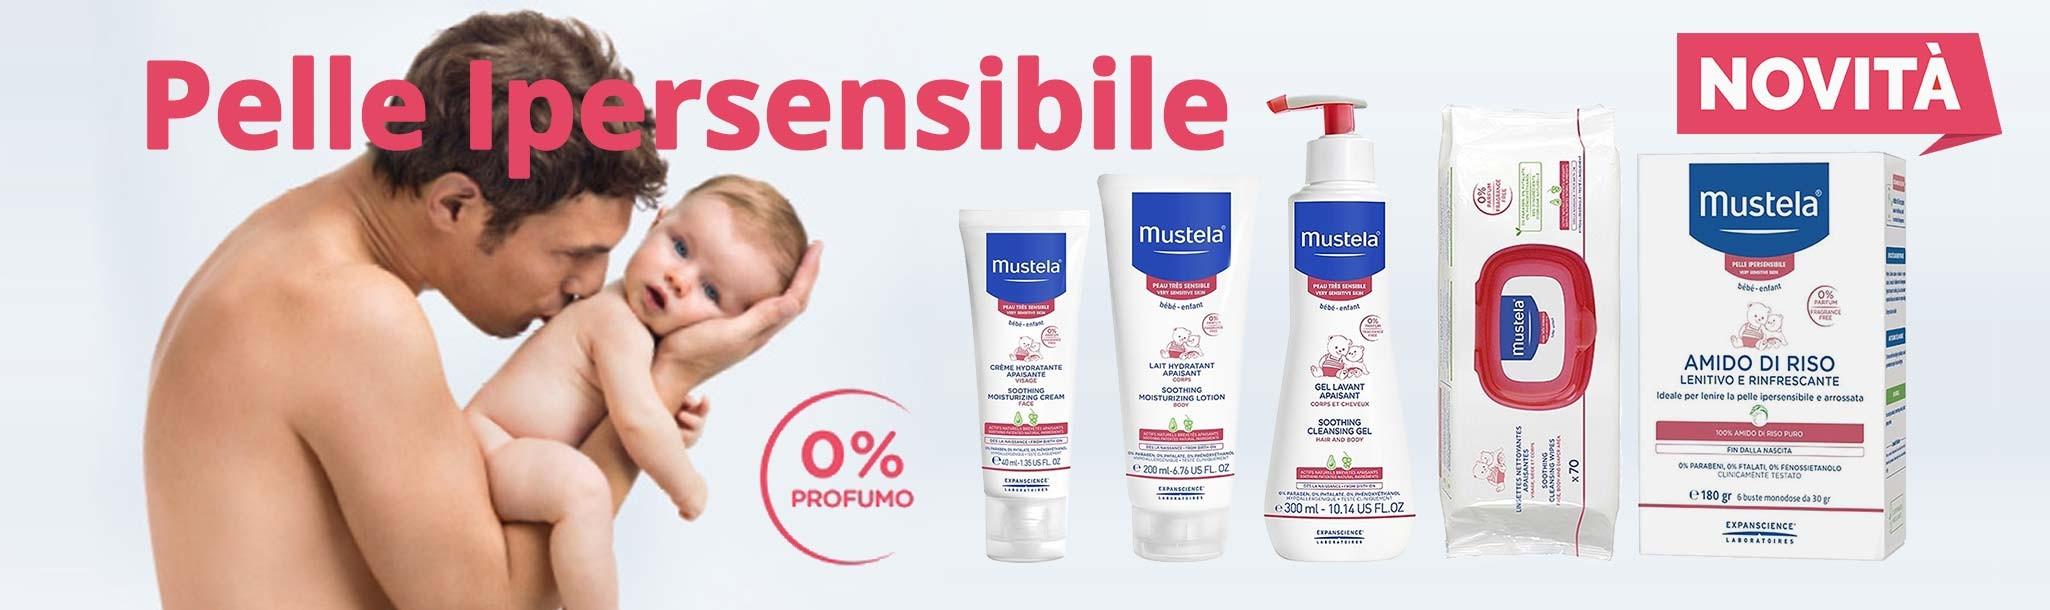 Prima linea completa di trattamento e igiene, senza profumo concepita per lenire la pelle ipersensibile di neonati e bambini fin dalla nascita